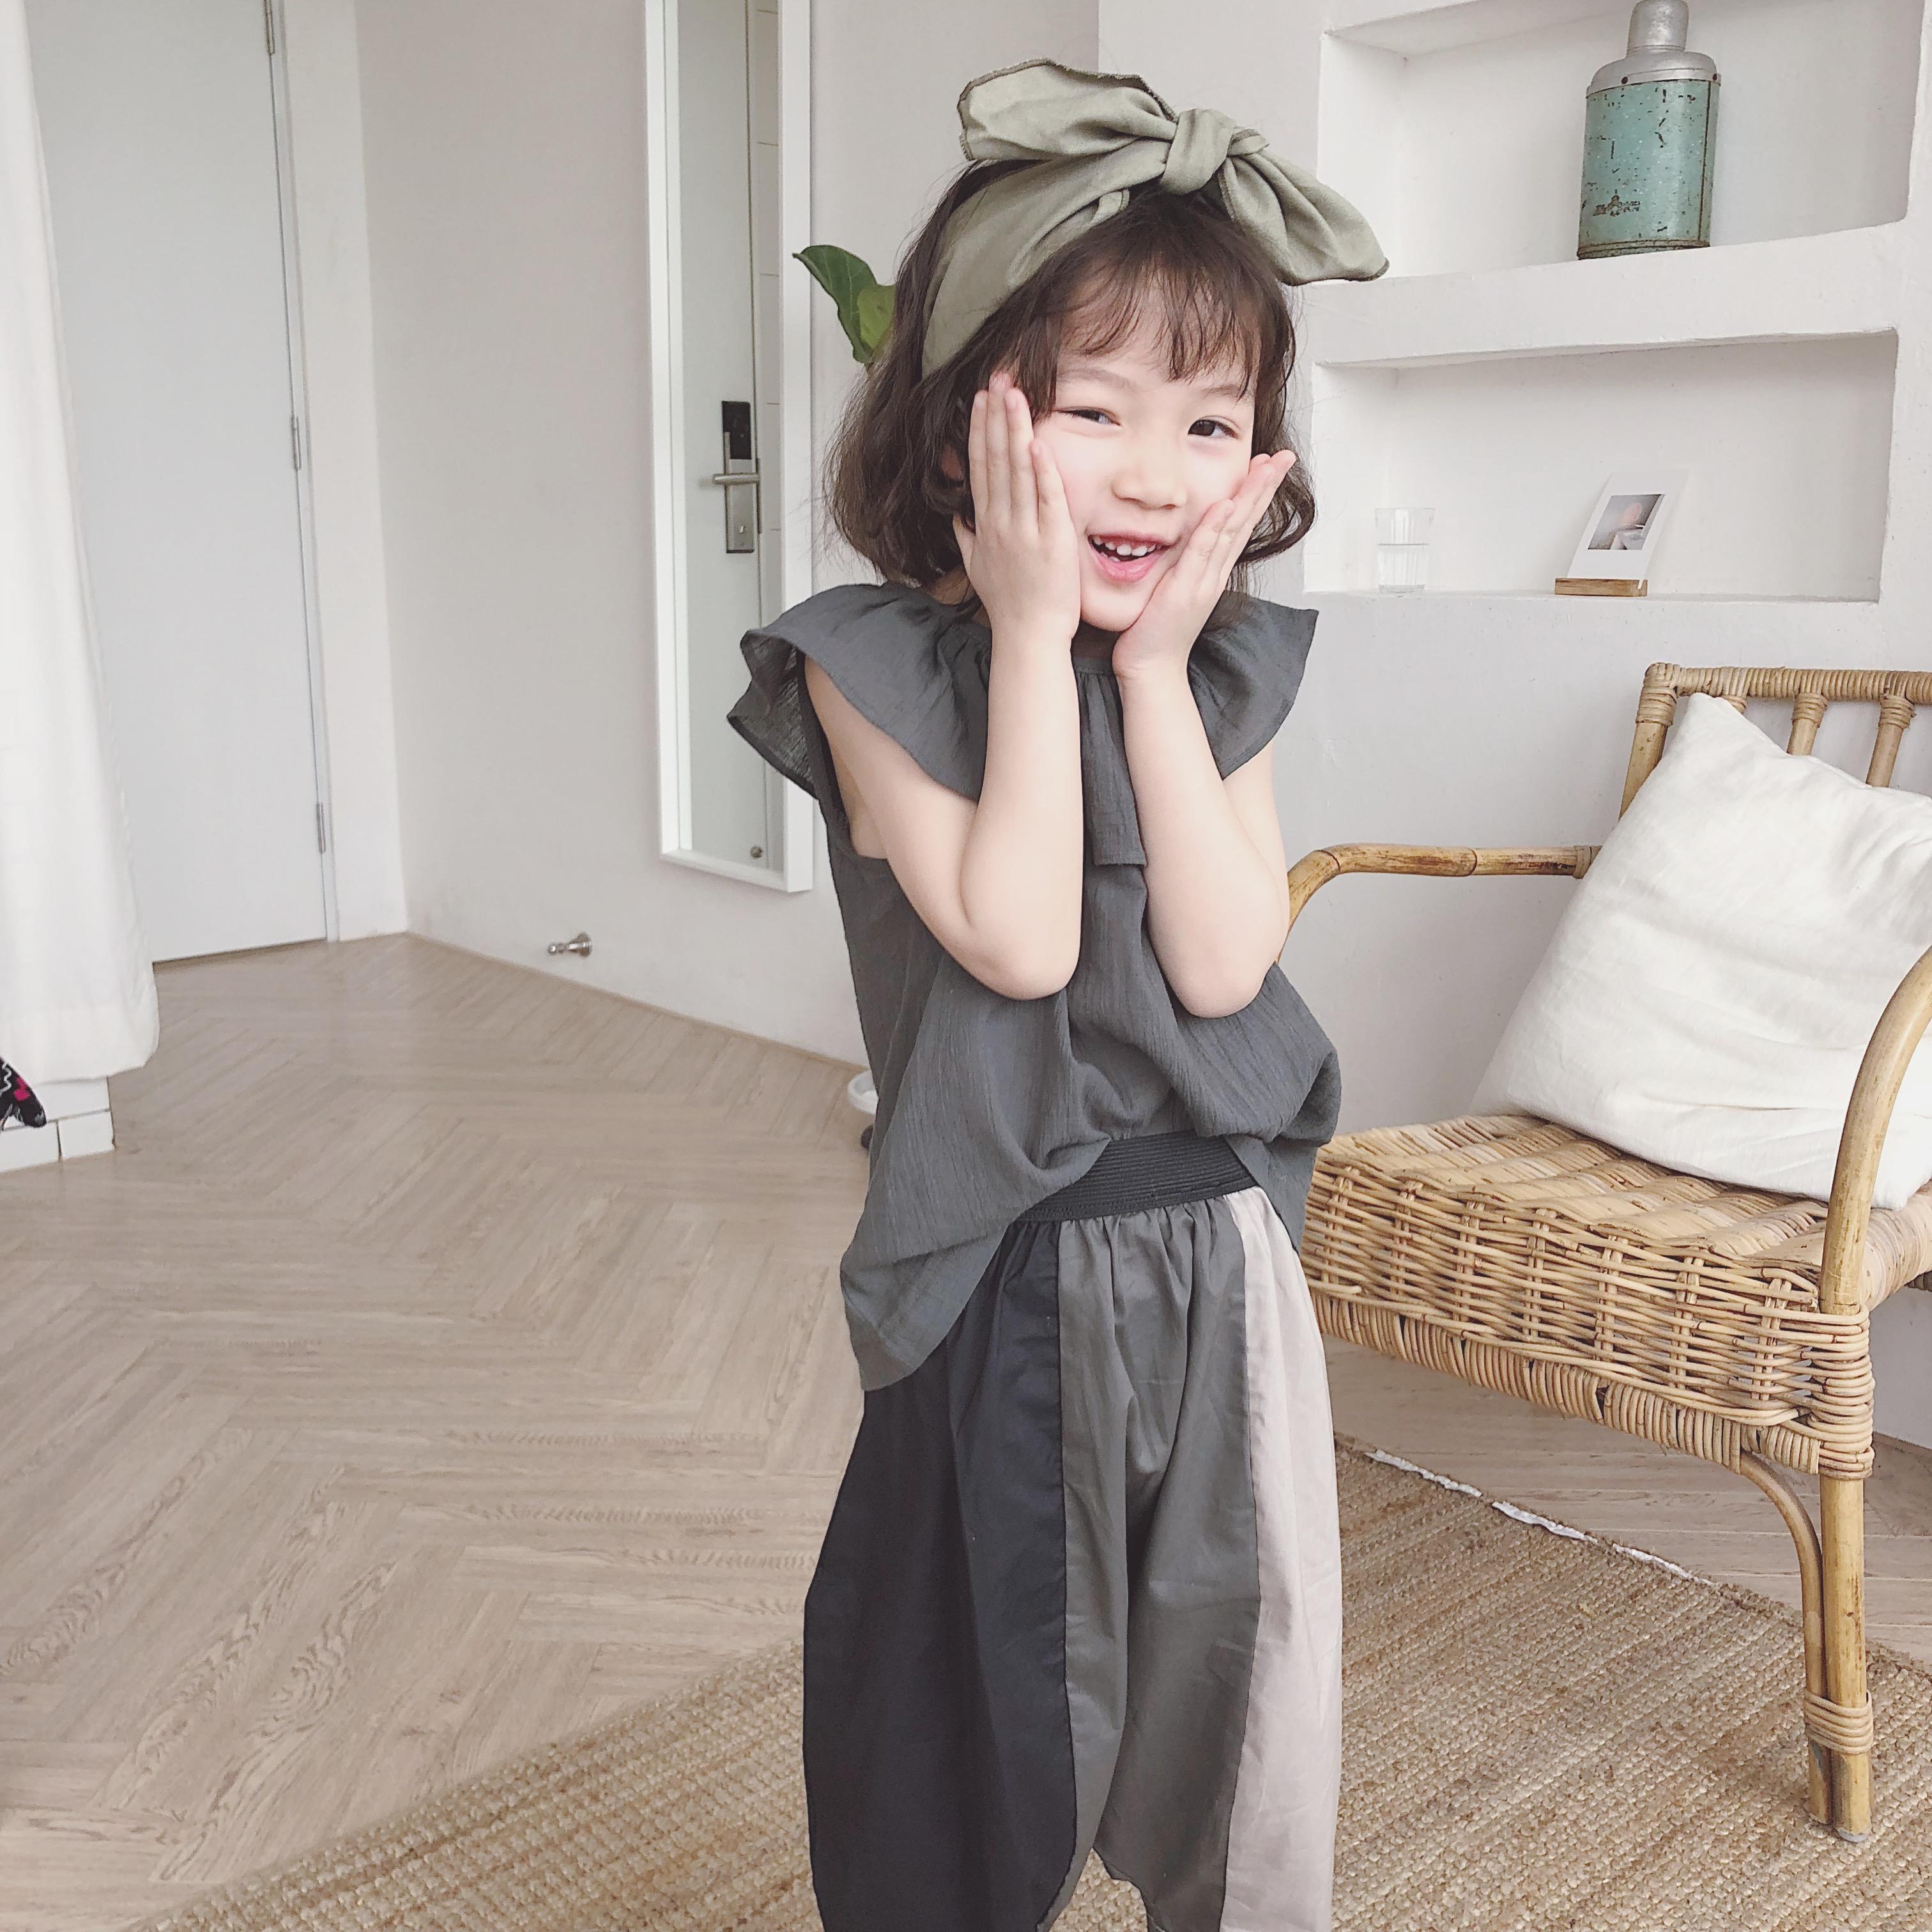 18夏韩国定制女童荷叶领无袖上衣优惠券